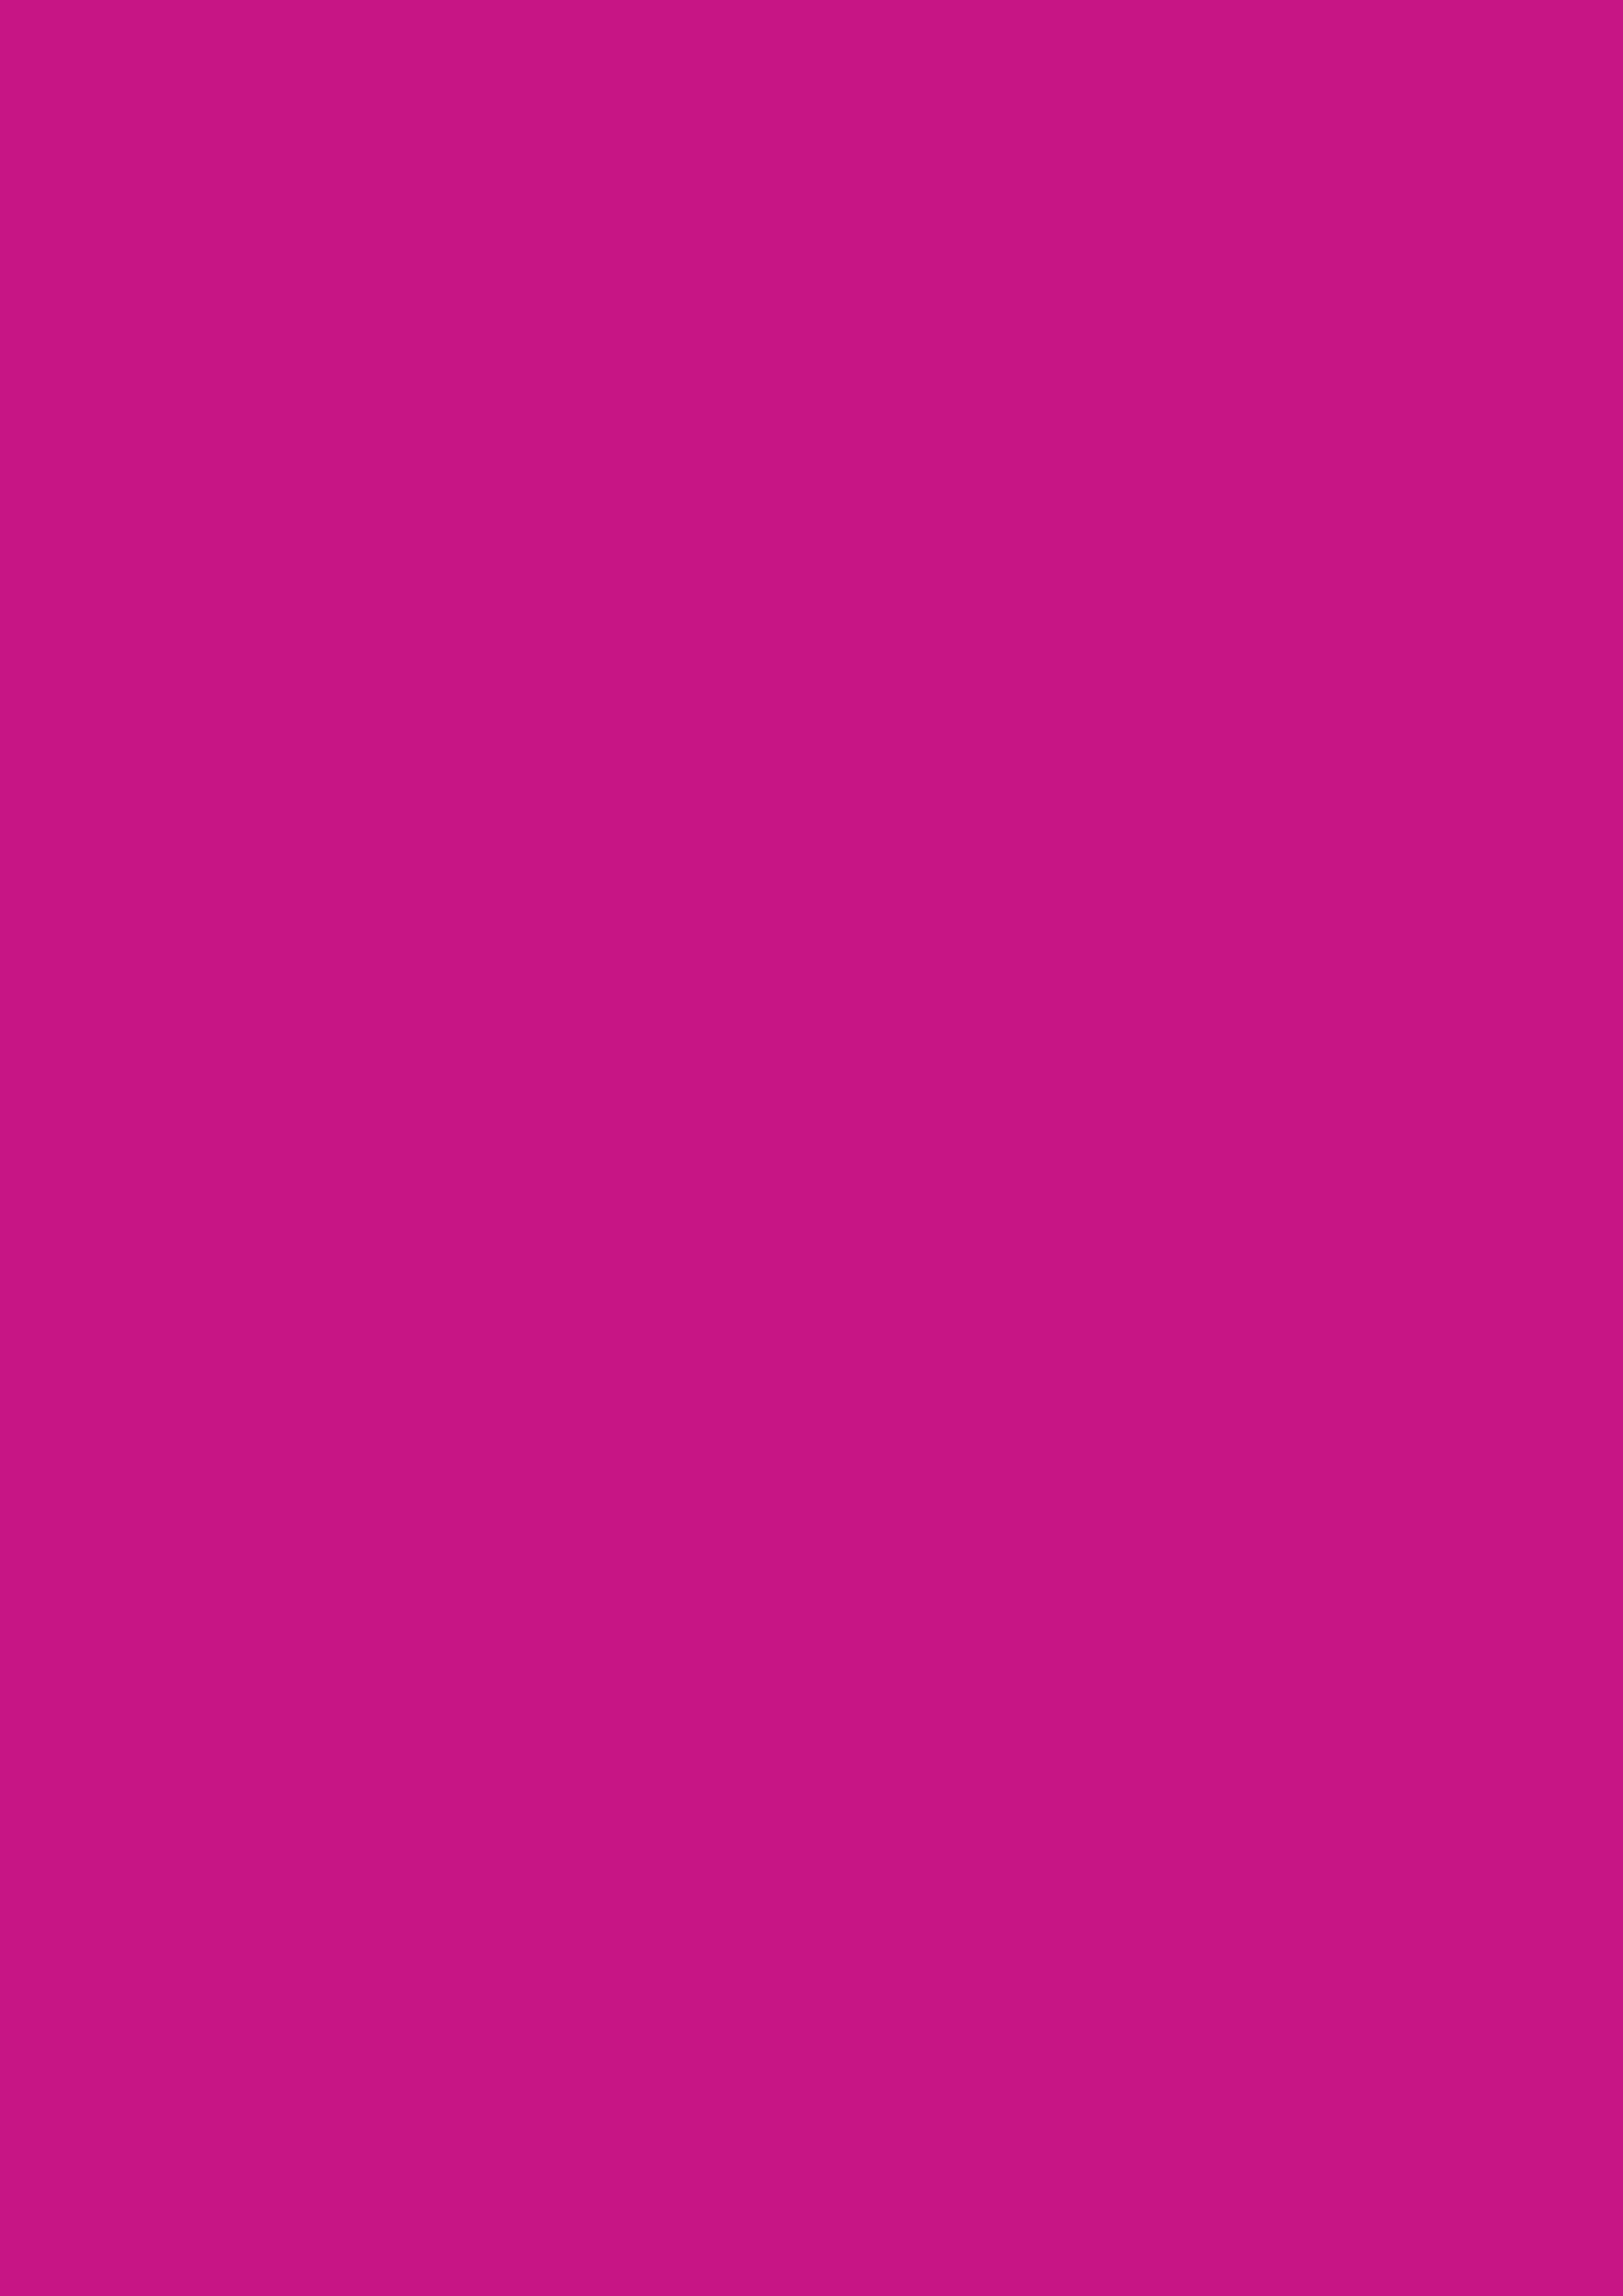 2480x3508 Red-violet Solid Color Background